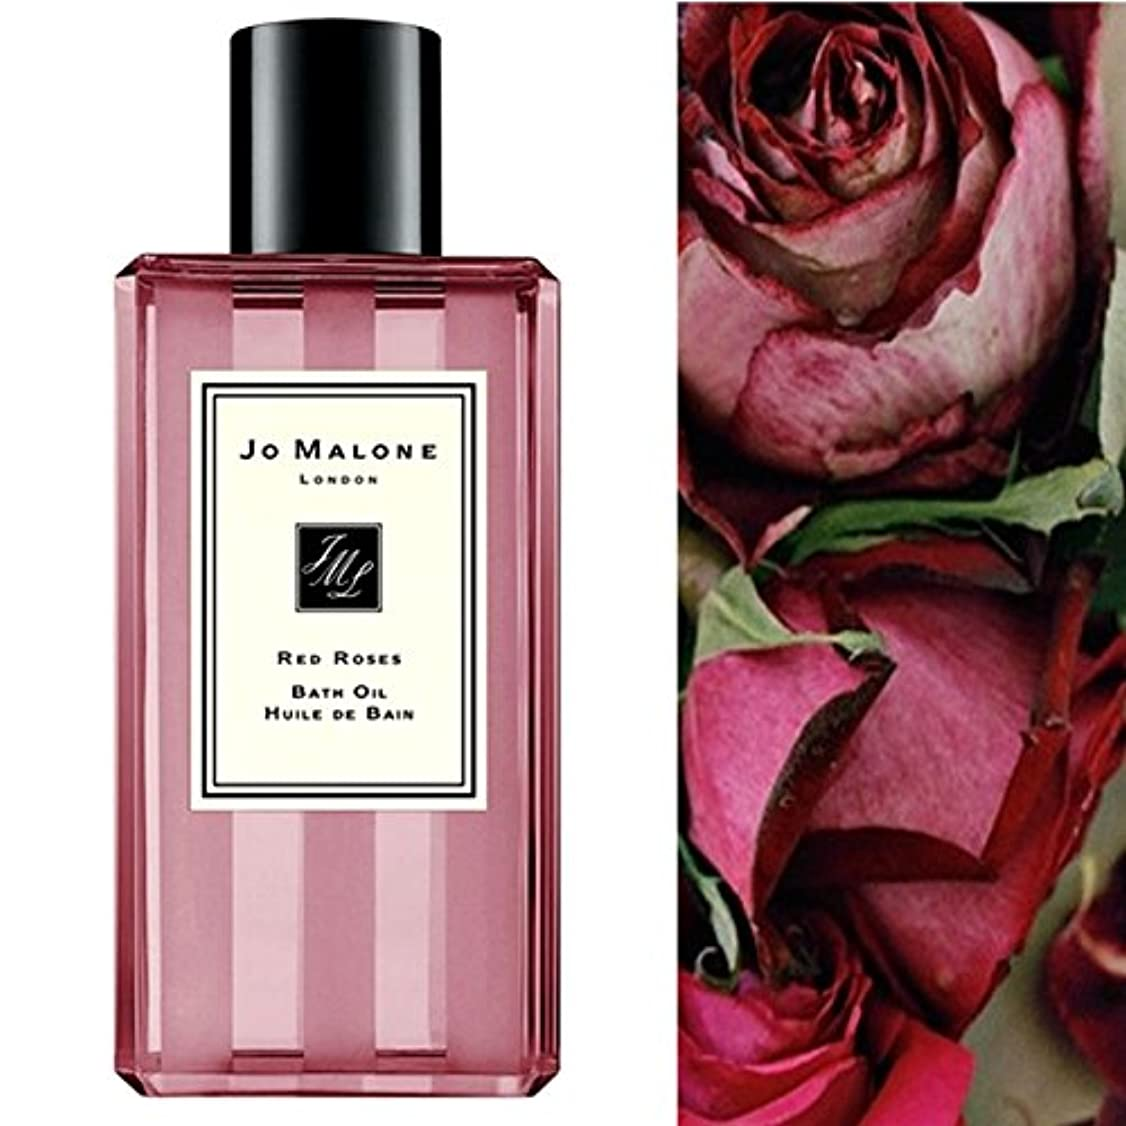 レイアカウンタ情熱Jo Maloneジョーマローン, バスオイル - 赤いバラ (250ml)  'Red Roses' Bath Oil (8.5oz) [海外直送品] [並行輸入品]